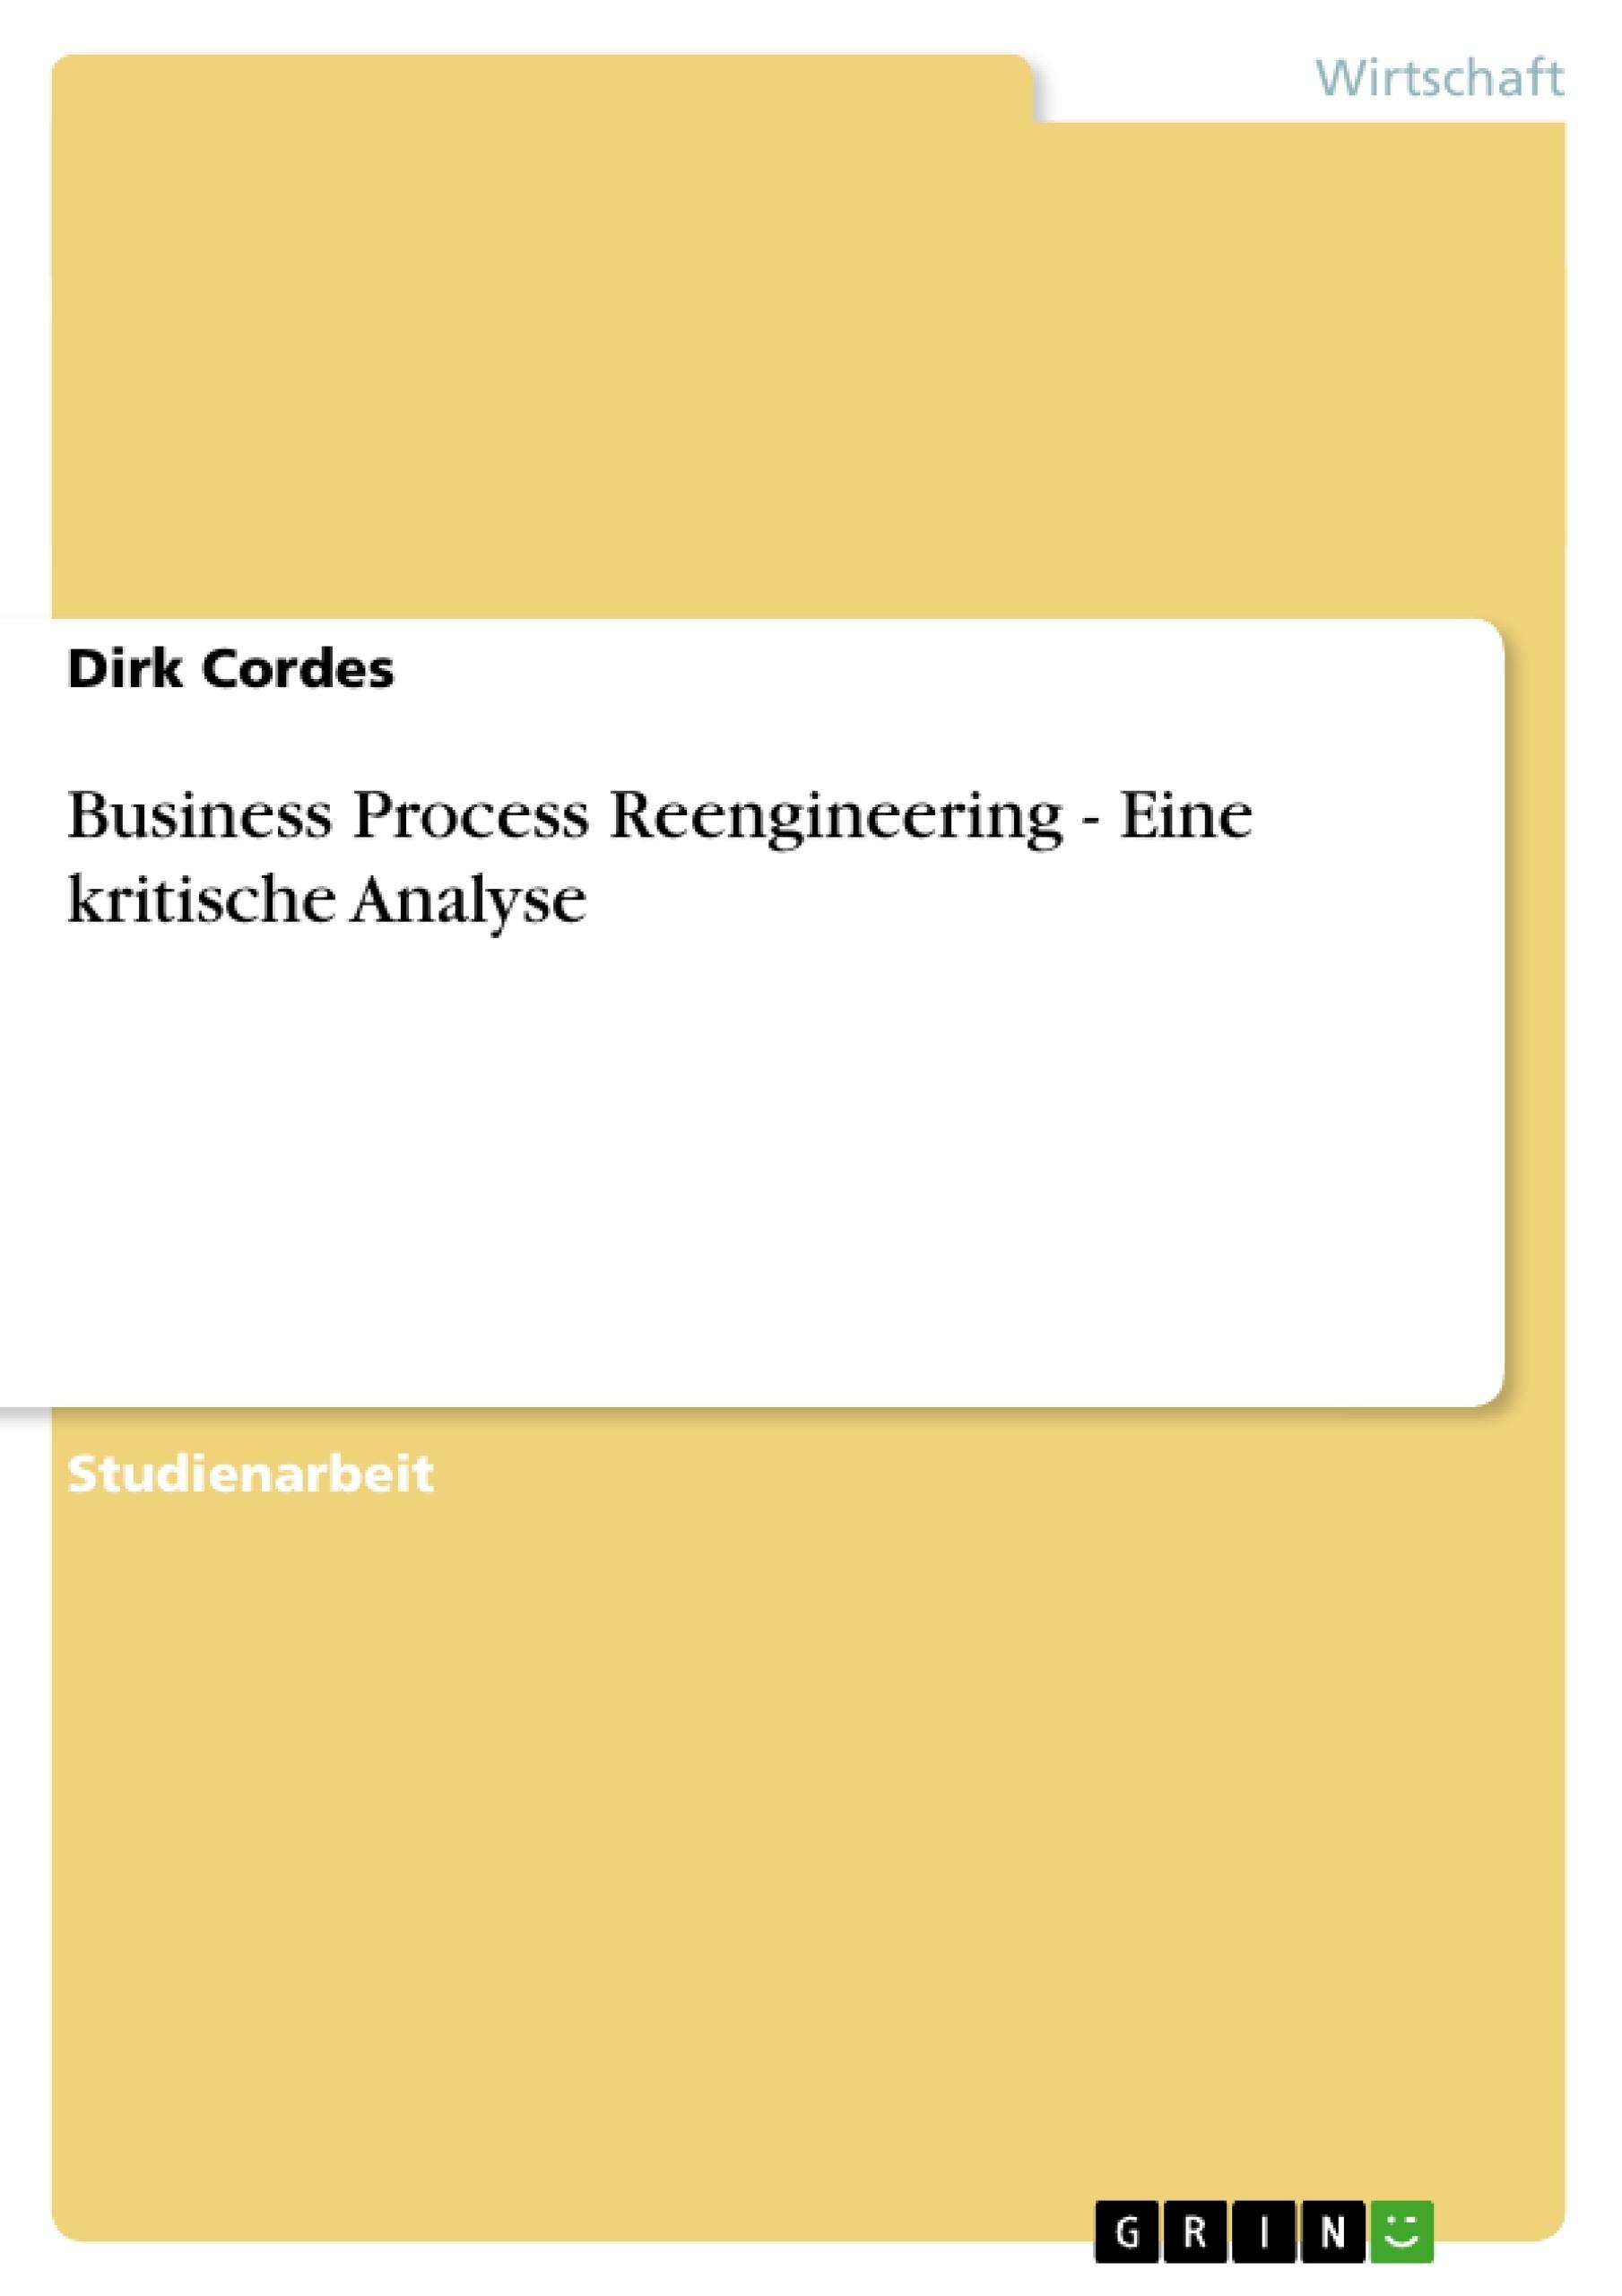 Titel: Business Process Reengineering - Eine kritische Analyse